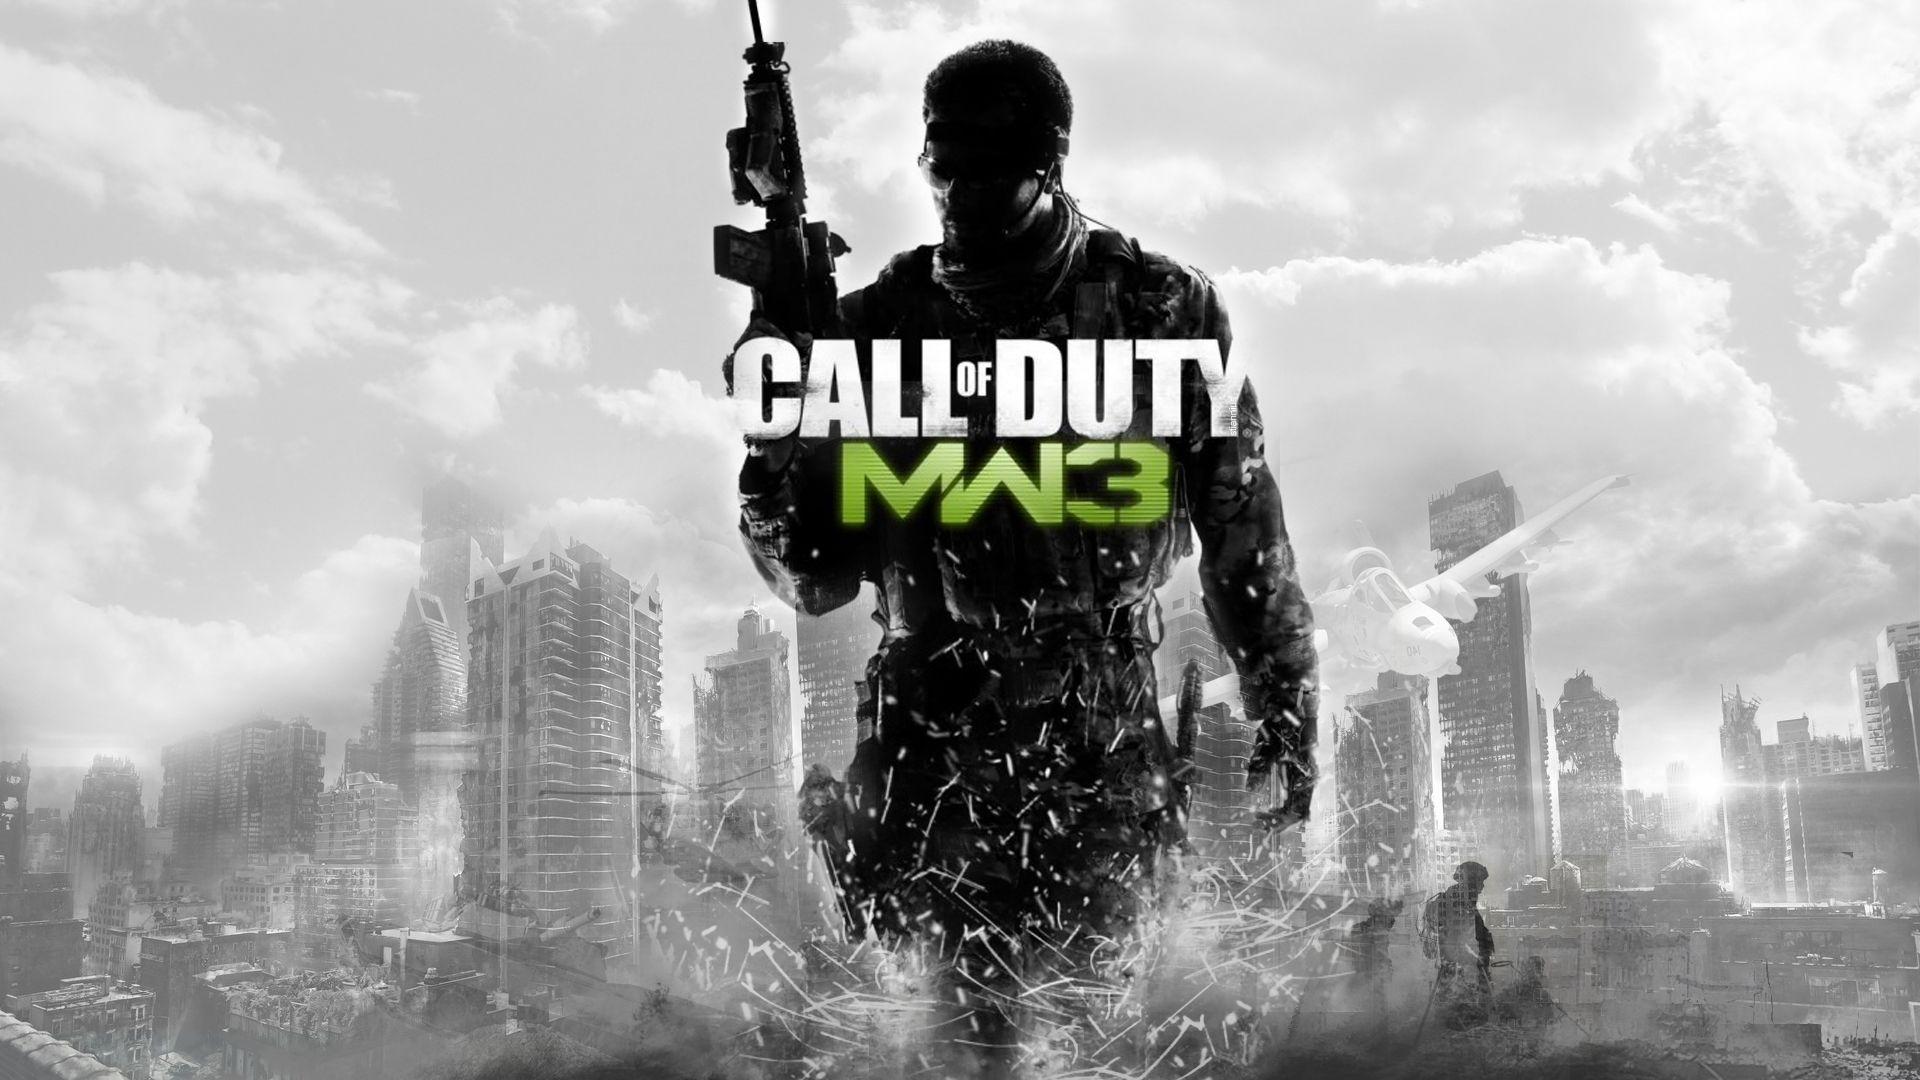 El multijugador de Call of Duty: Modern Warfare Remastered se muestra en vídeo